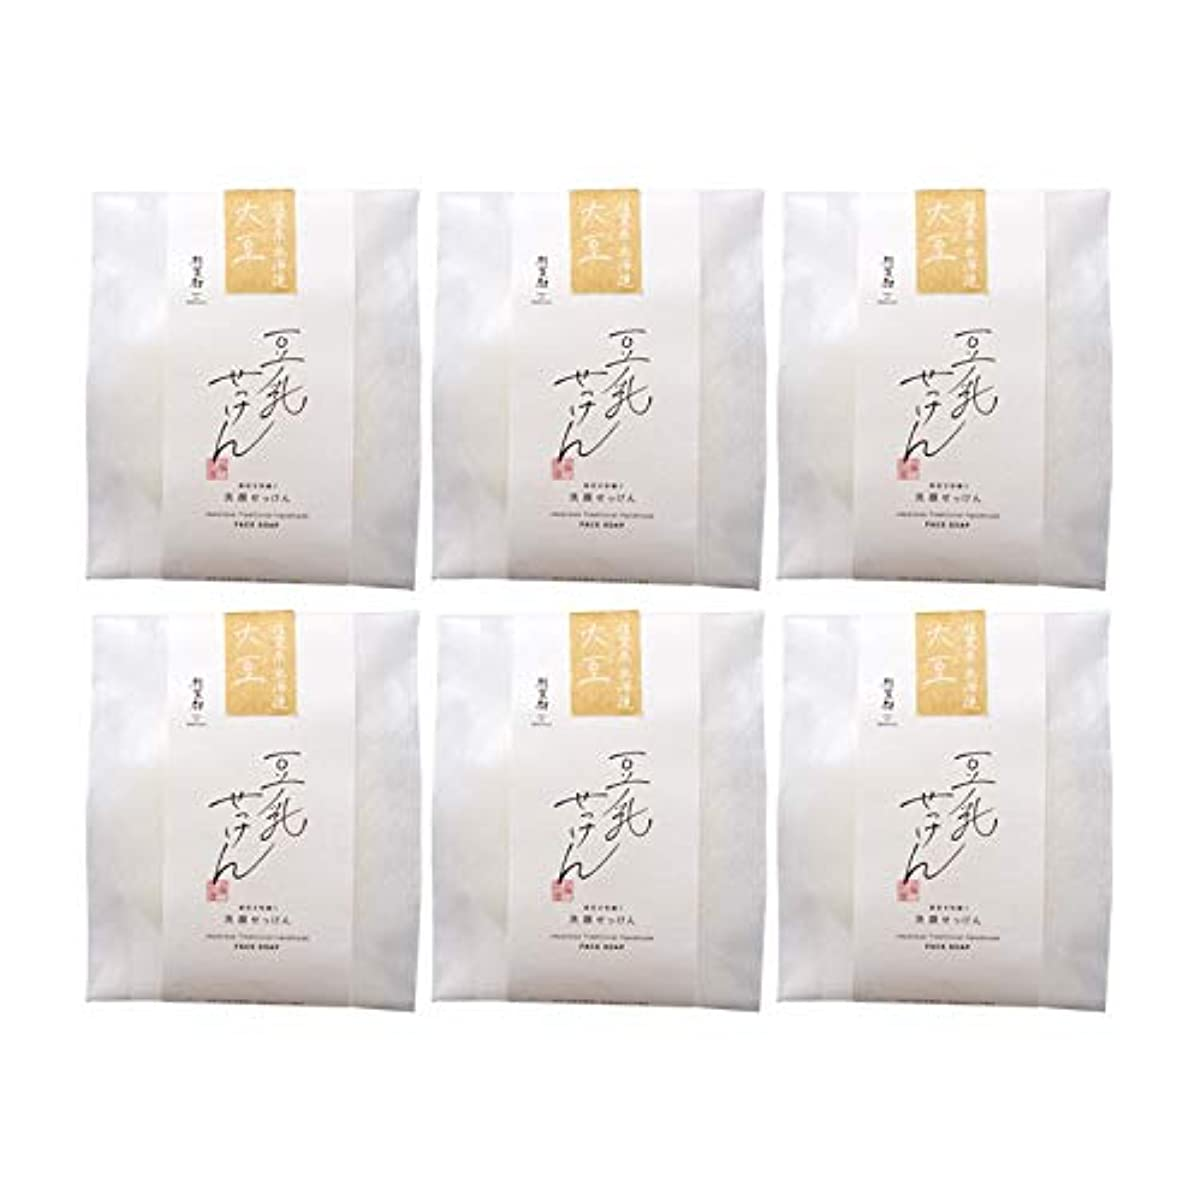 粘液アロングパニック豆腐の盛田屋 豆乳せっけん 自然生活 100g×6個セット